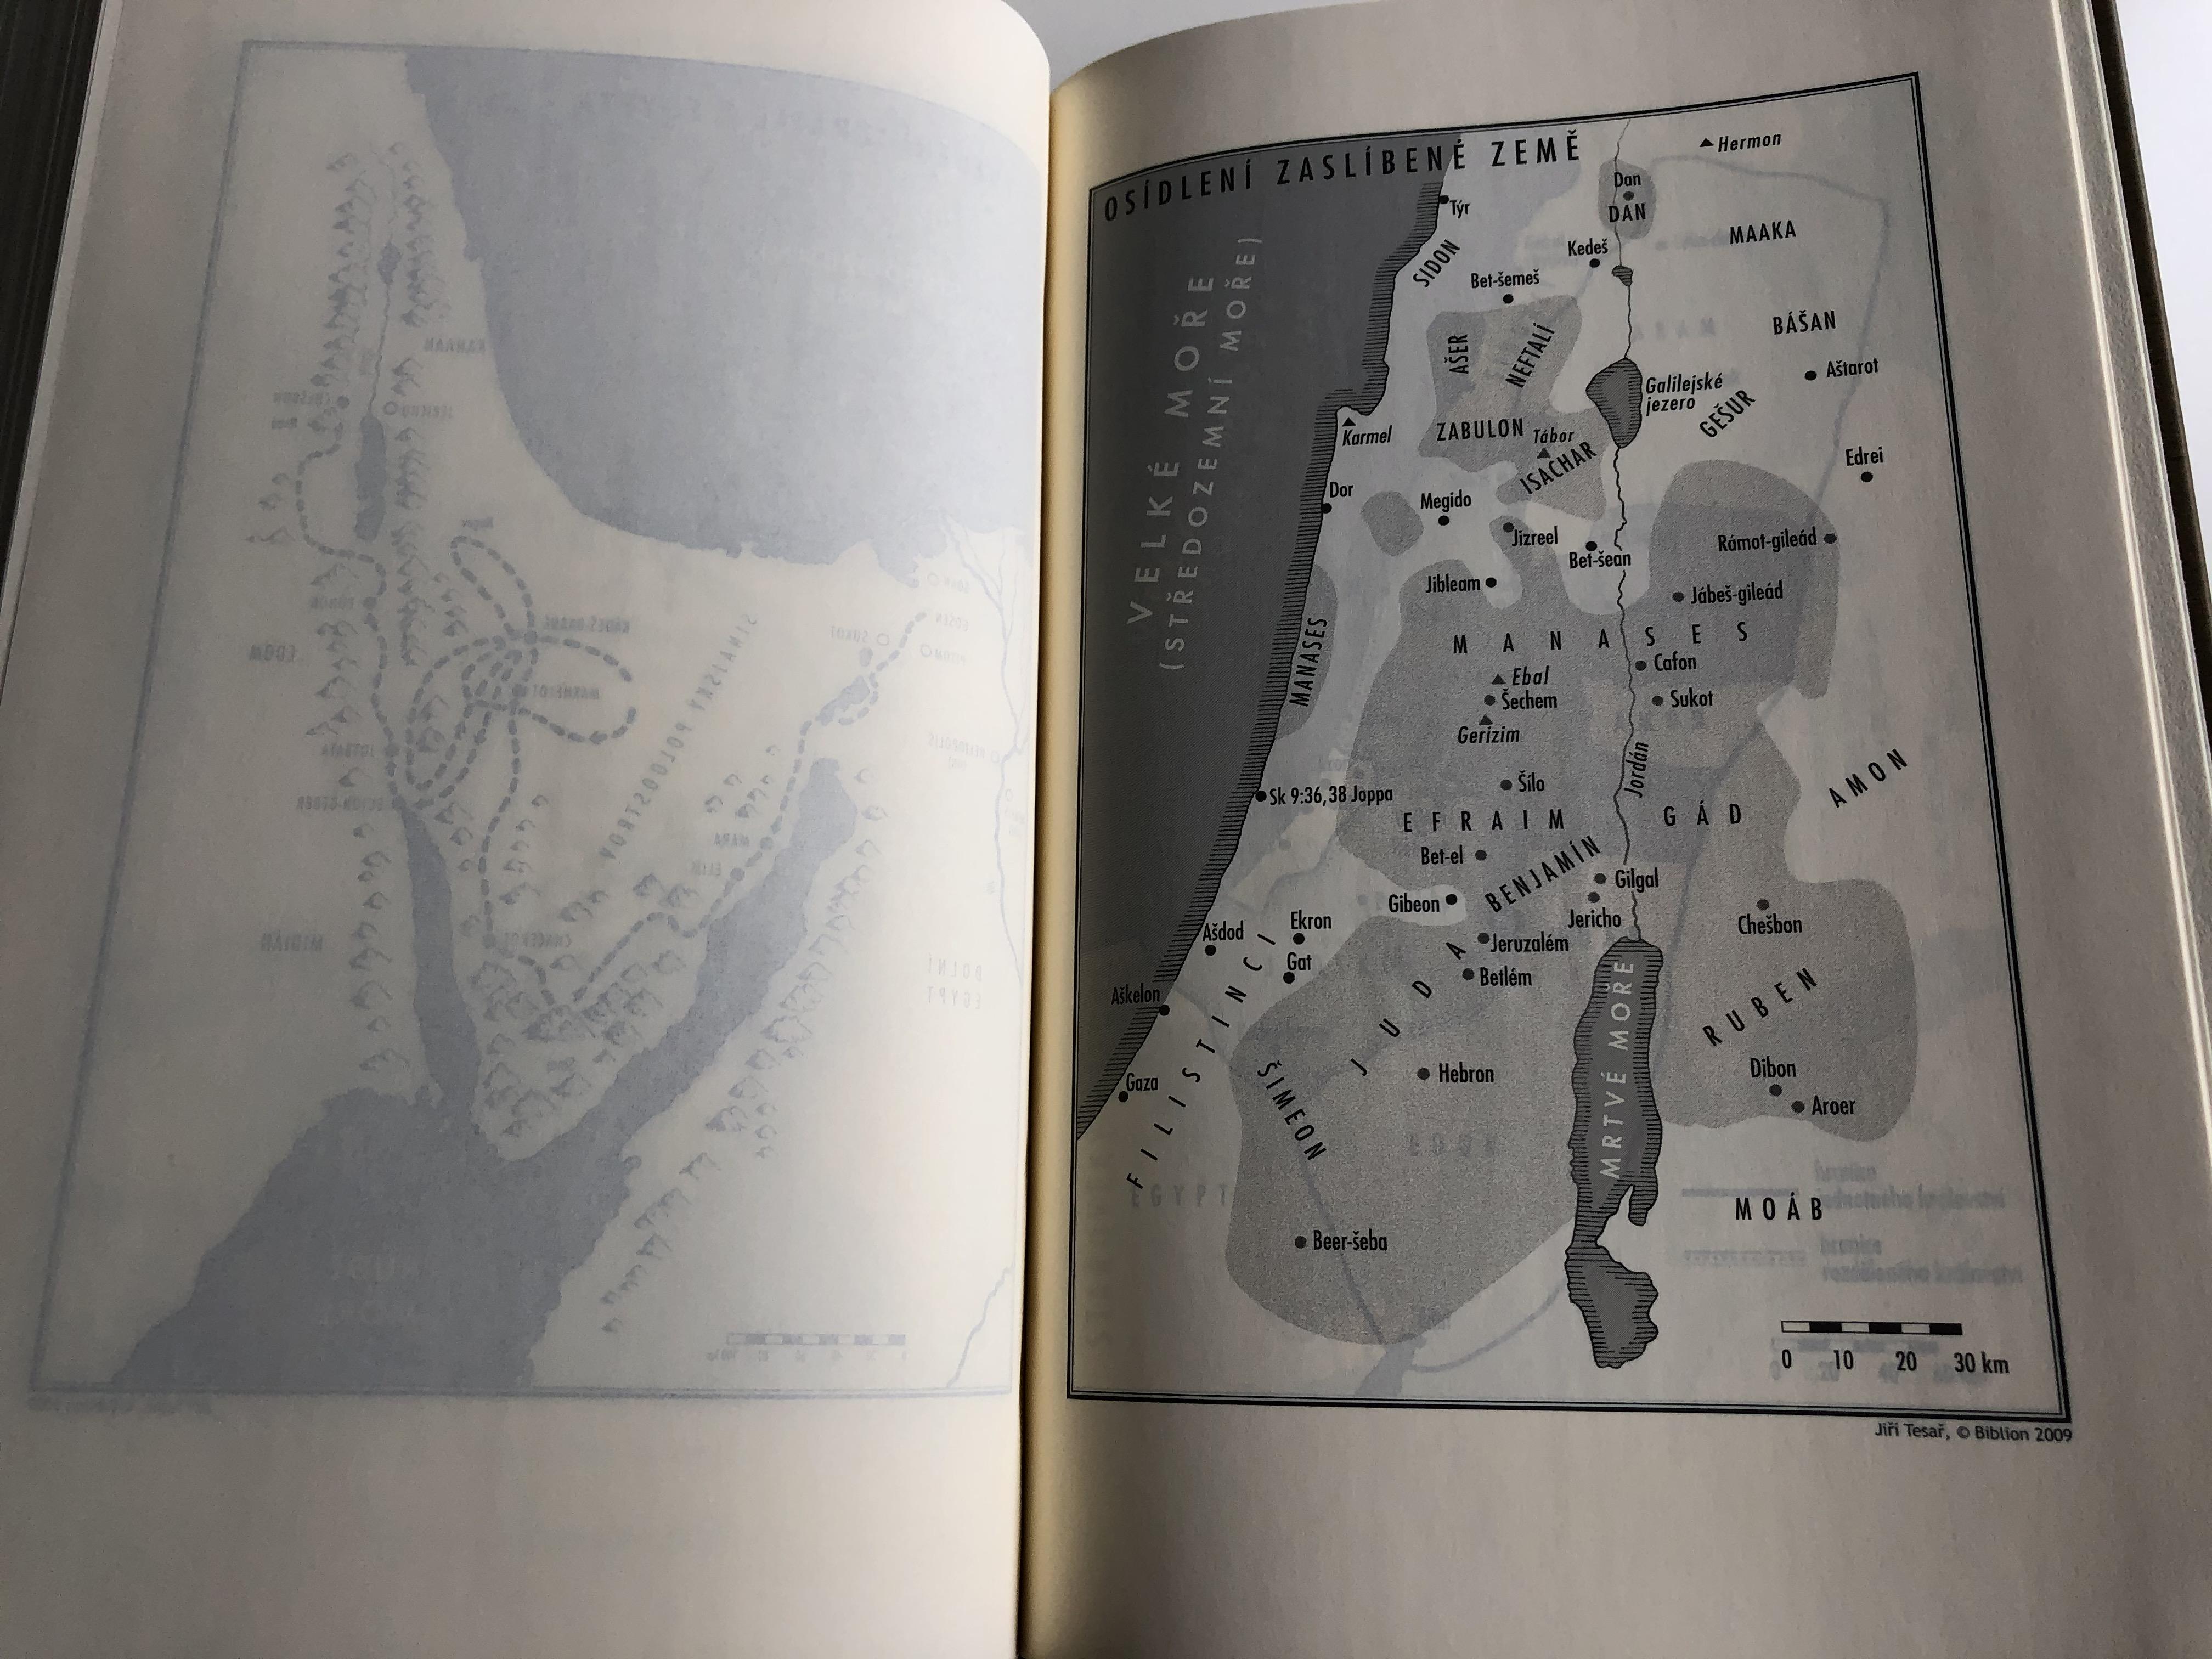 czech-large-print-bible-xl-bible21-bible-p-eklad-21.-stolet-23.jpg